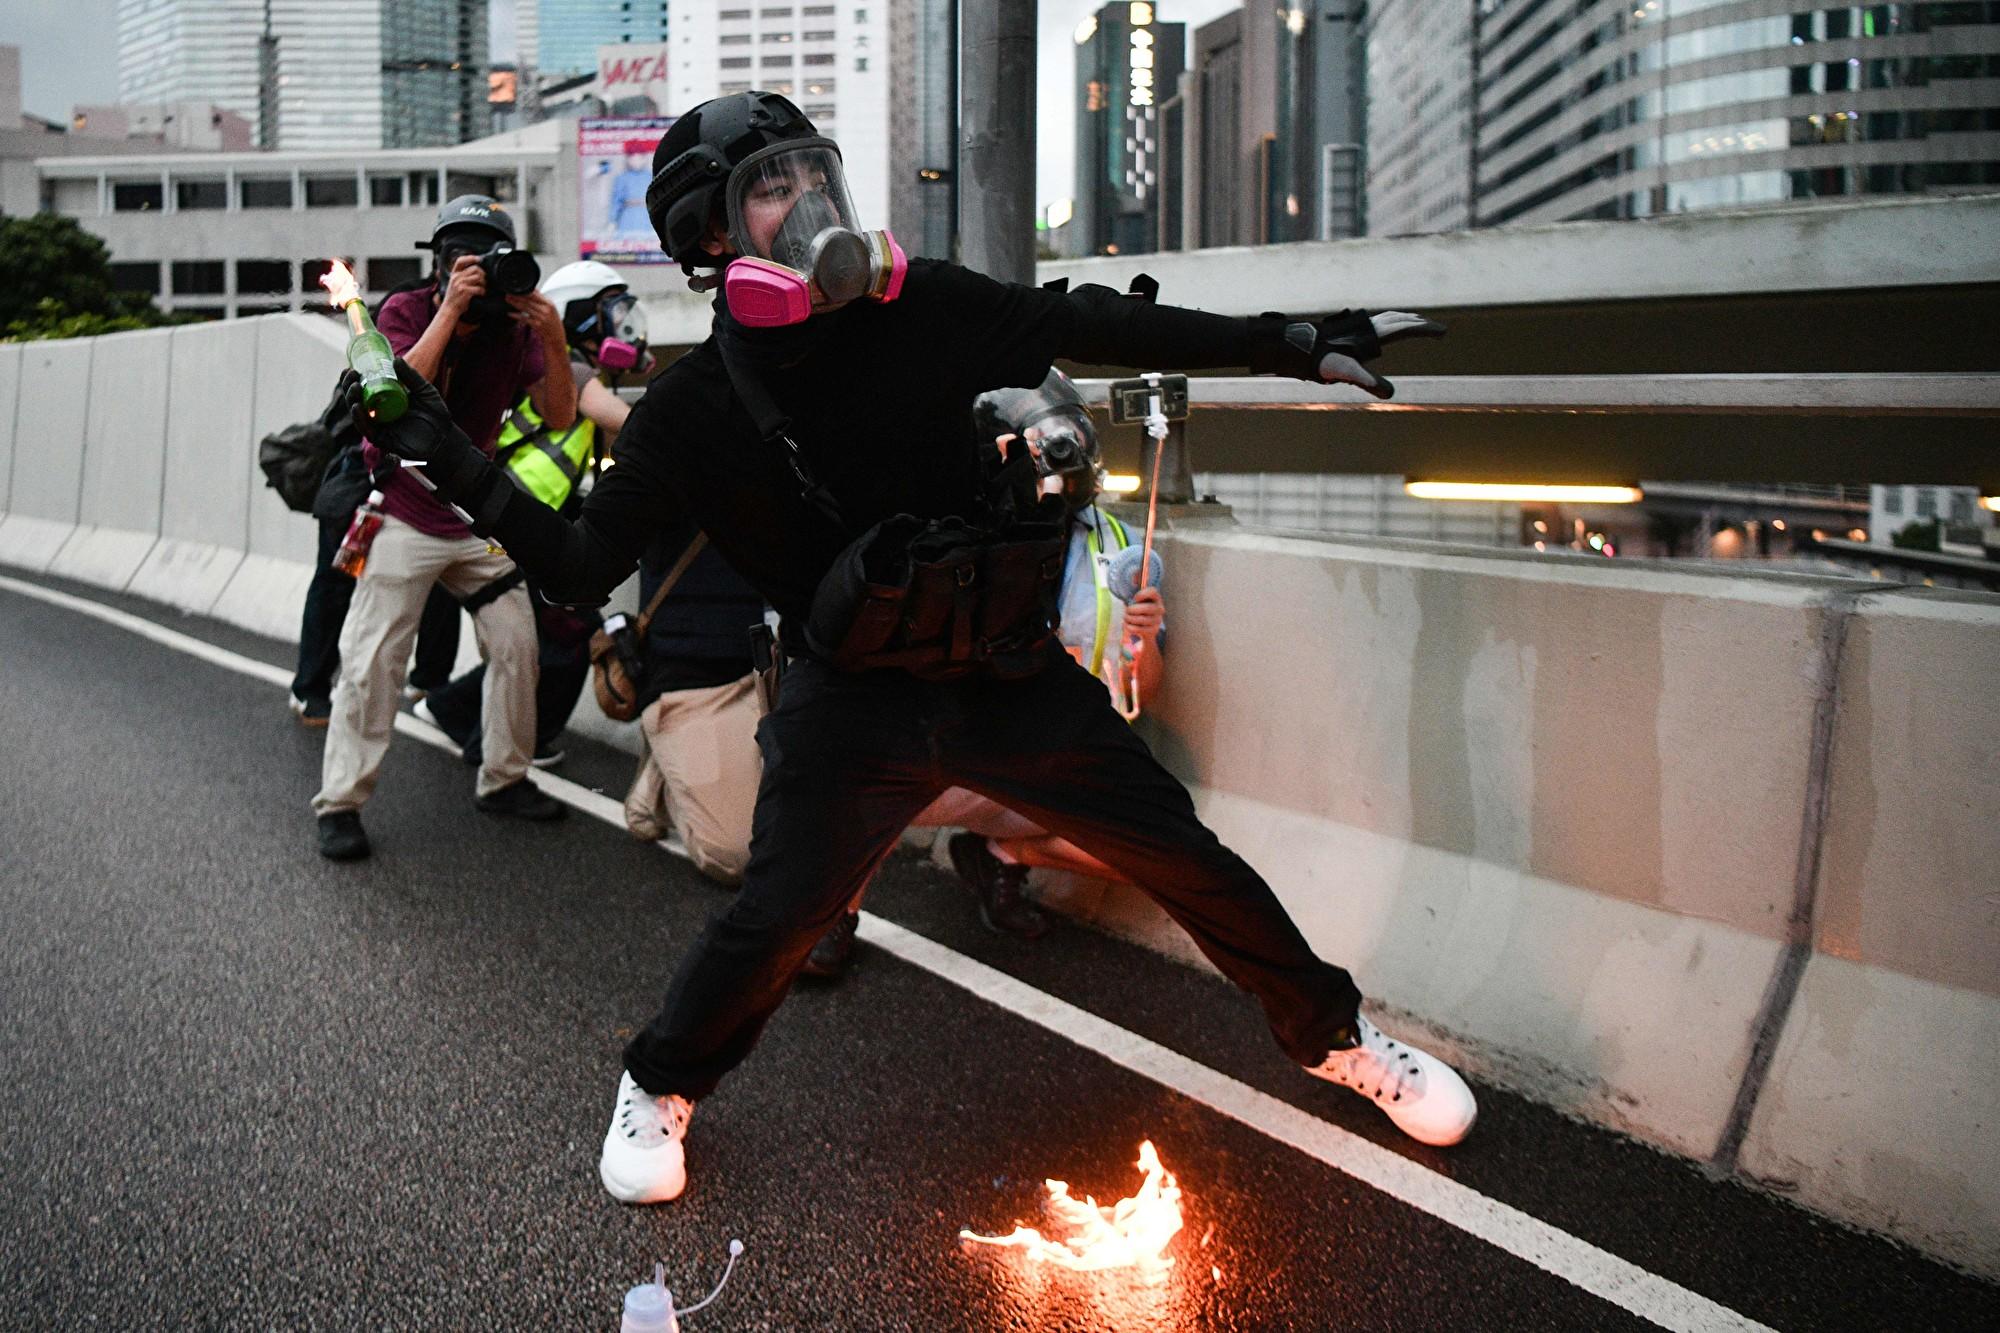 一名黑衣人士點燃汽油彈欲丟擲,腰間的槍枝因動作太大而暴露出來,遭網友懷疑警方「自編自導自演」。(ANTHONY WALLACE/AFP/Getty Images)